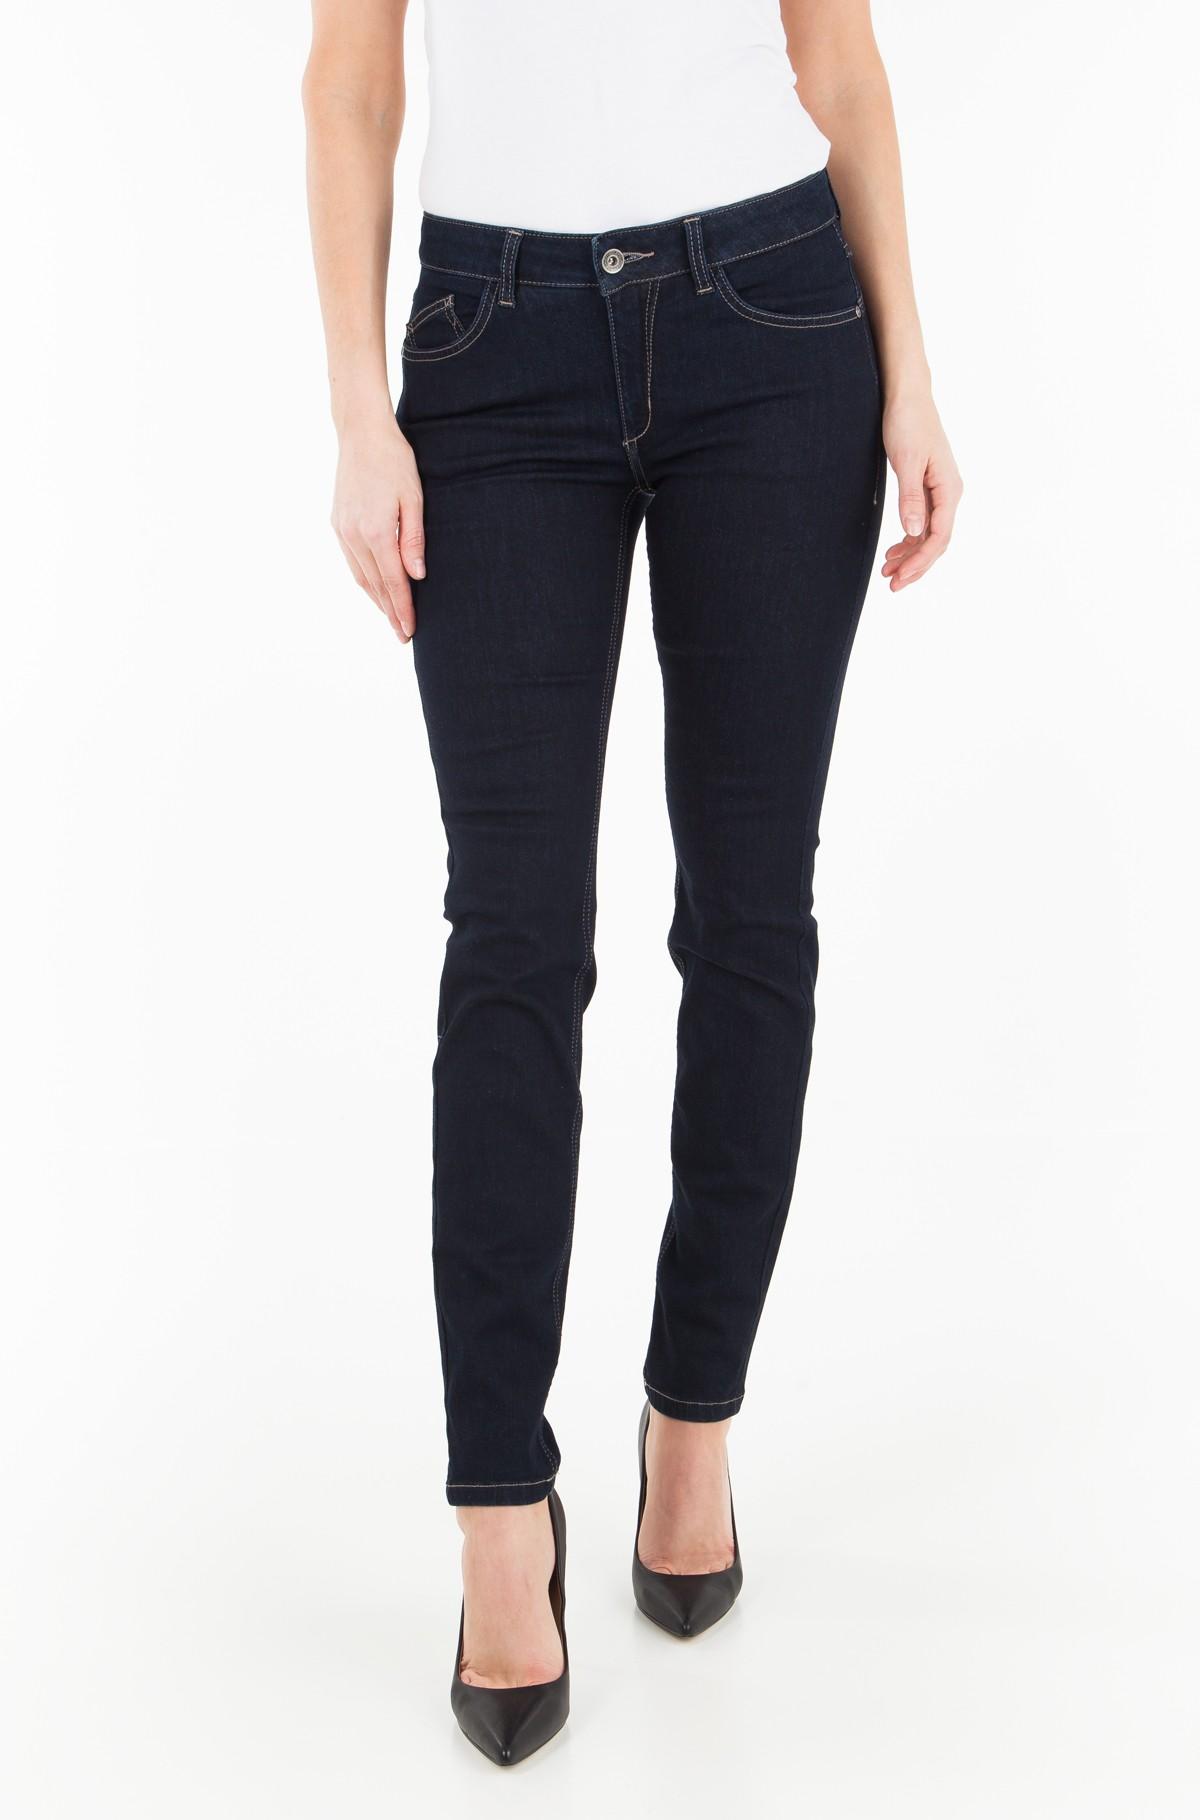 Džinsinės kelnės 50112-full-1